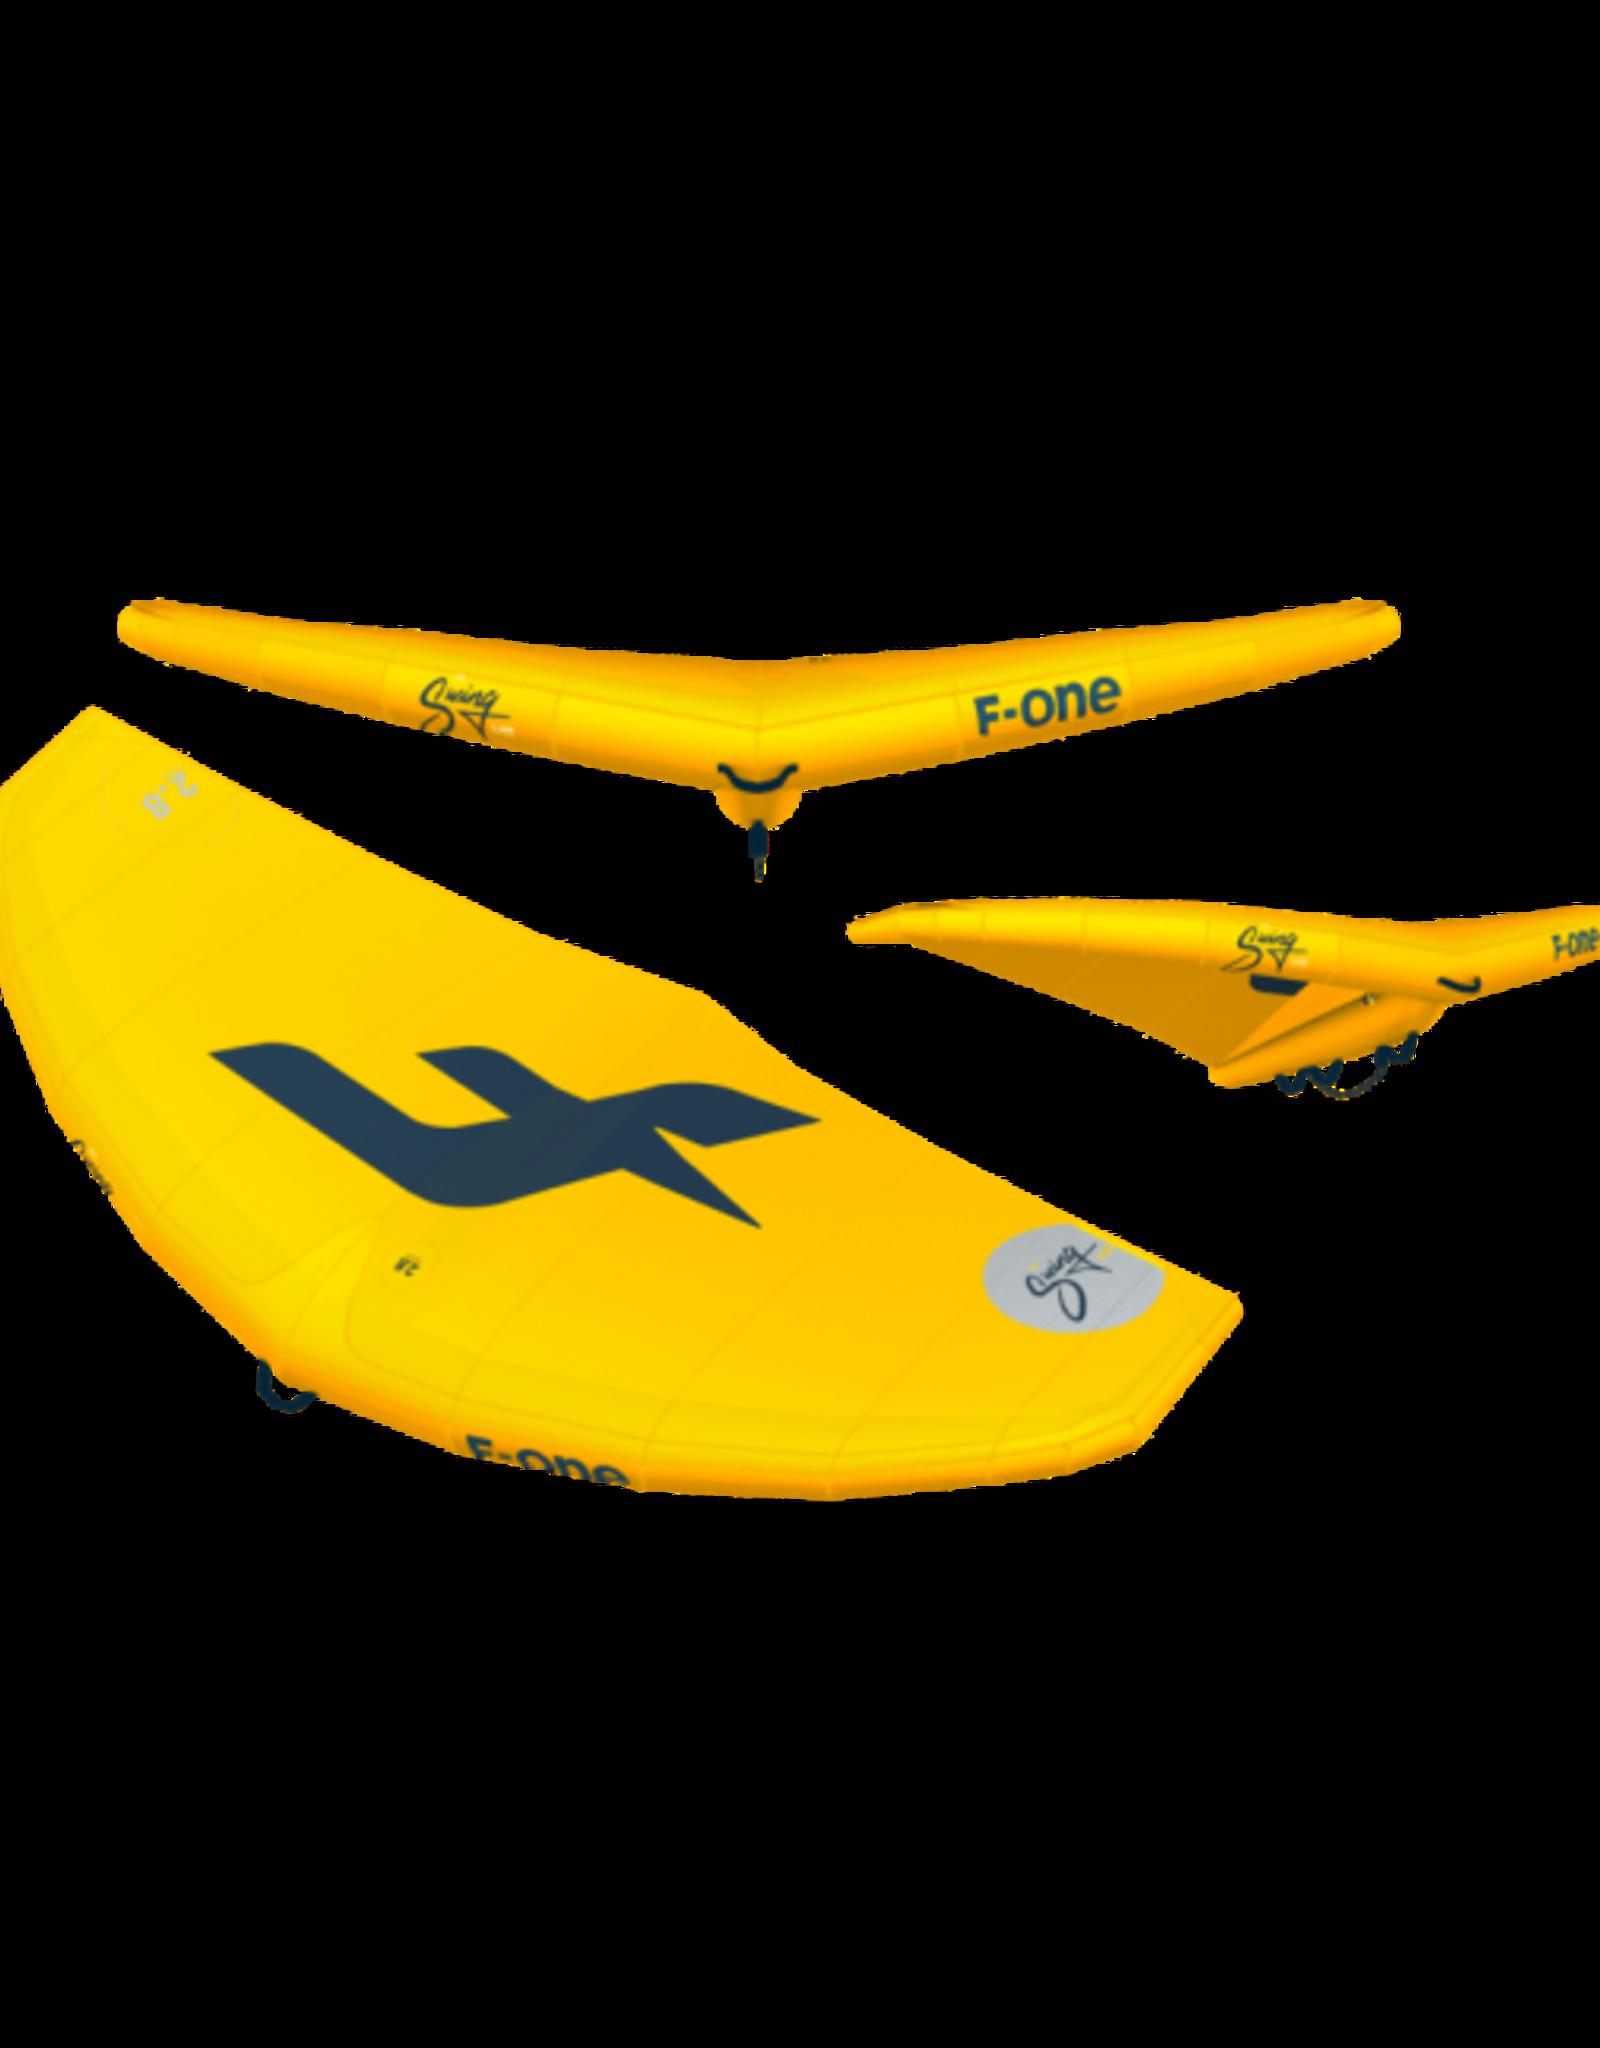 F-One F-ONE SWING  3.5m Mango Slate